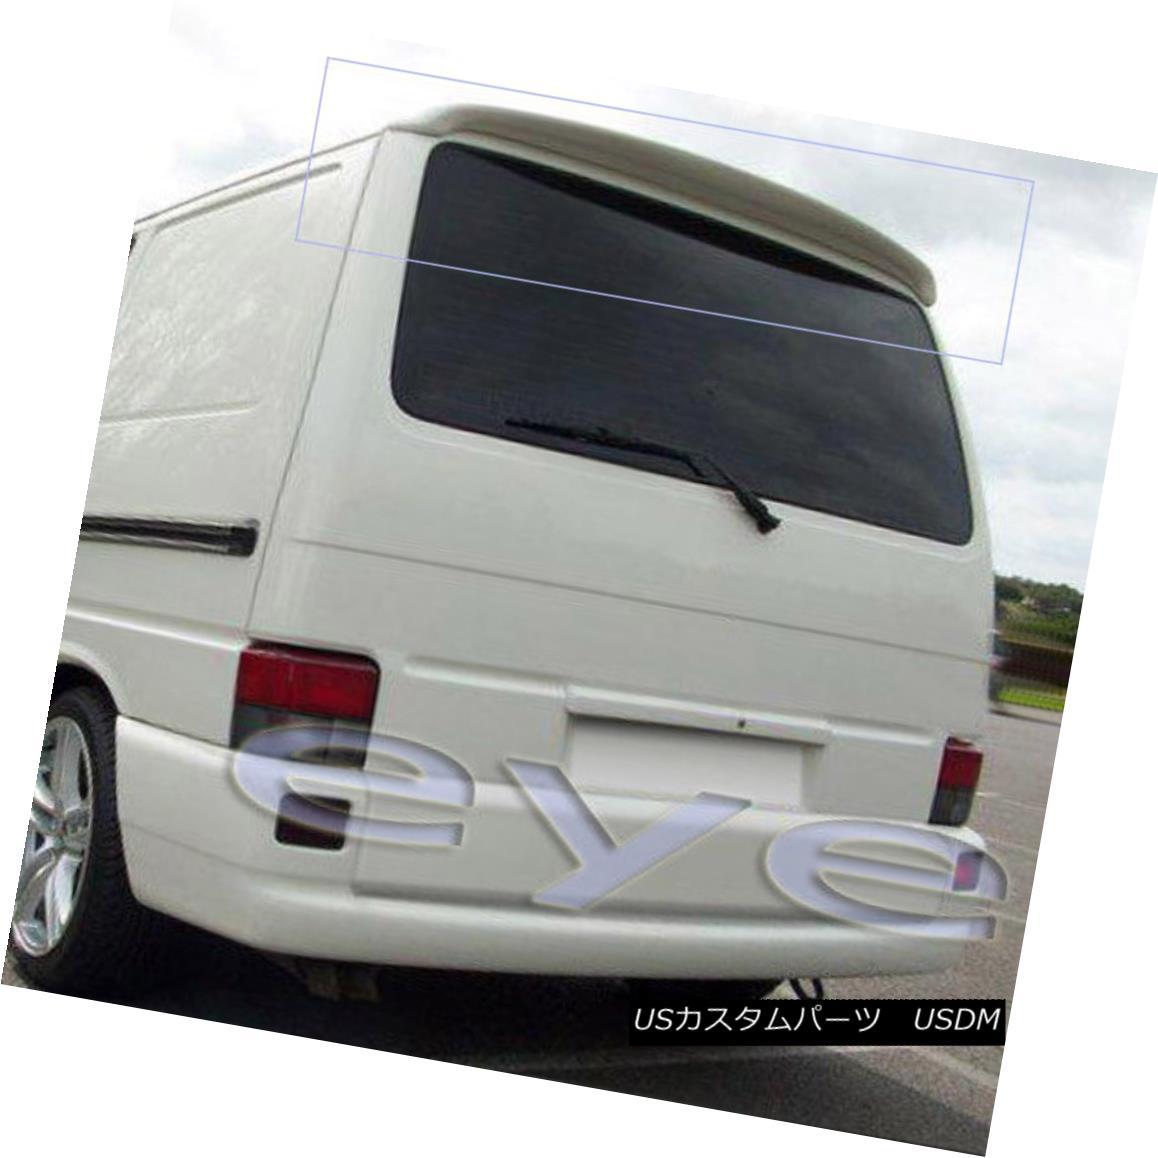 エアロパーツ VW TRANSPORTER T4 CARAVELLE MULTIVAN REAR ROOF SPOILER BOOT / TRUNK / TAILGATE VW TRANSPORTER T4 CARAVELLE MULTIVANリアルーフスポイラーブーツ/トランク/テールゲート